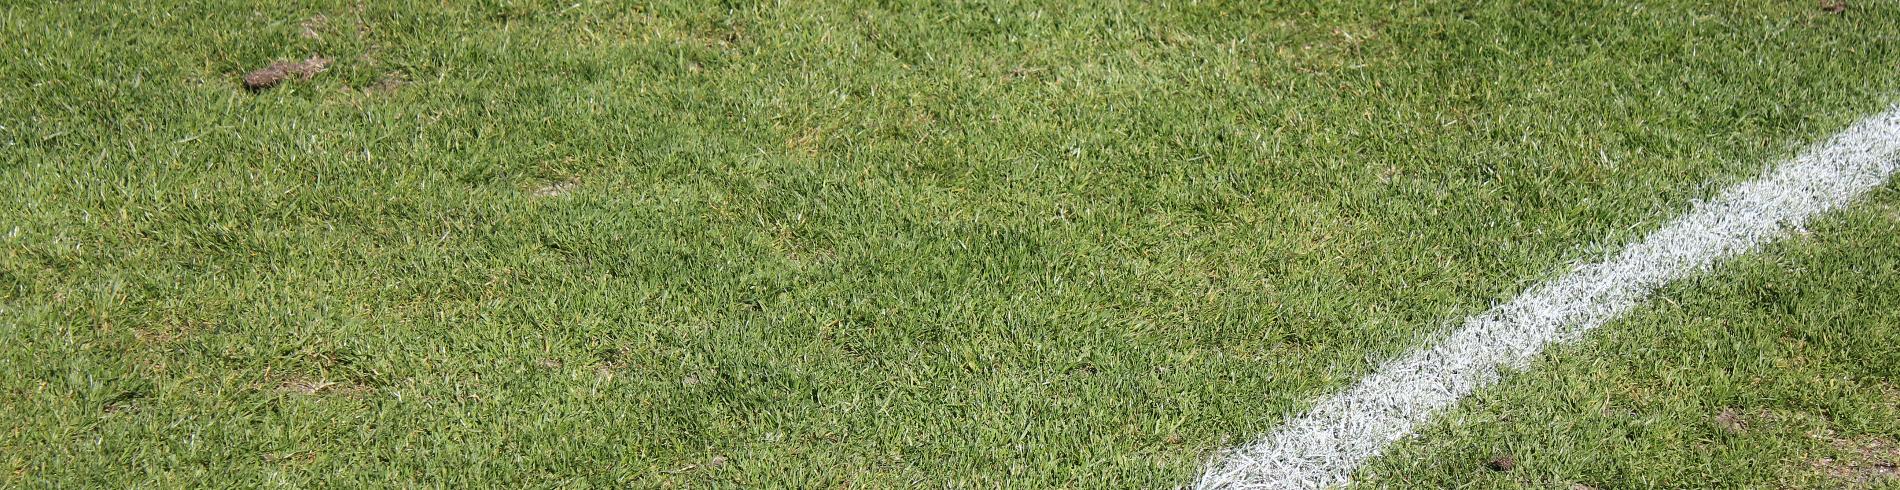 Landesfußballverband Mecklenburg-Vorpommern cover image